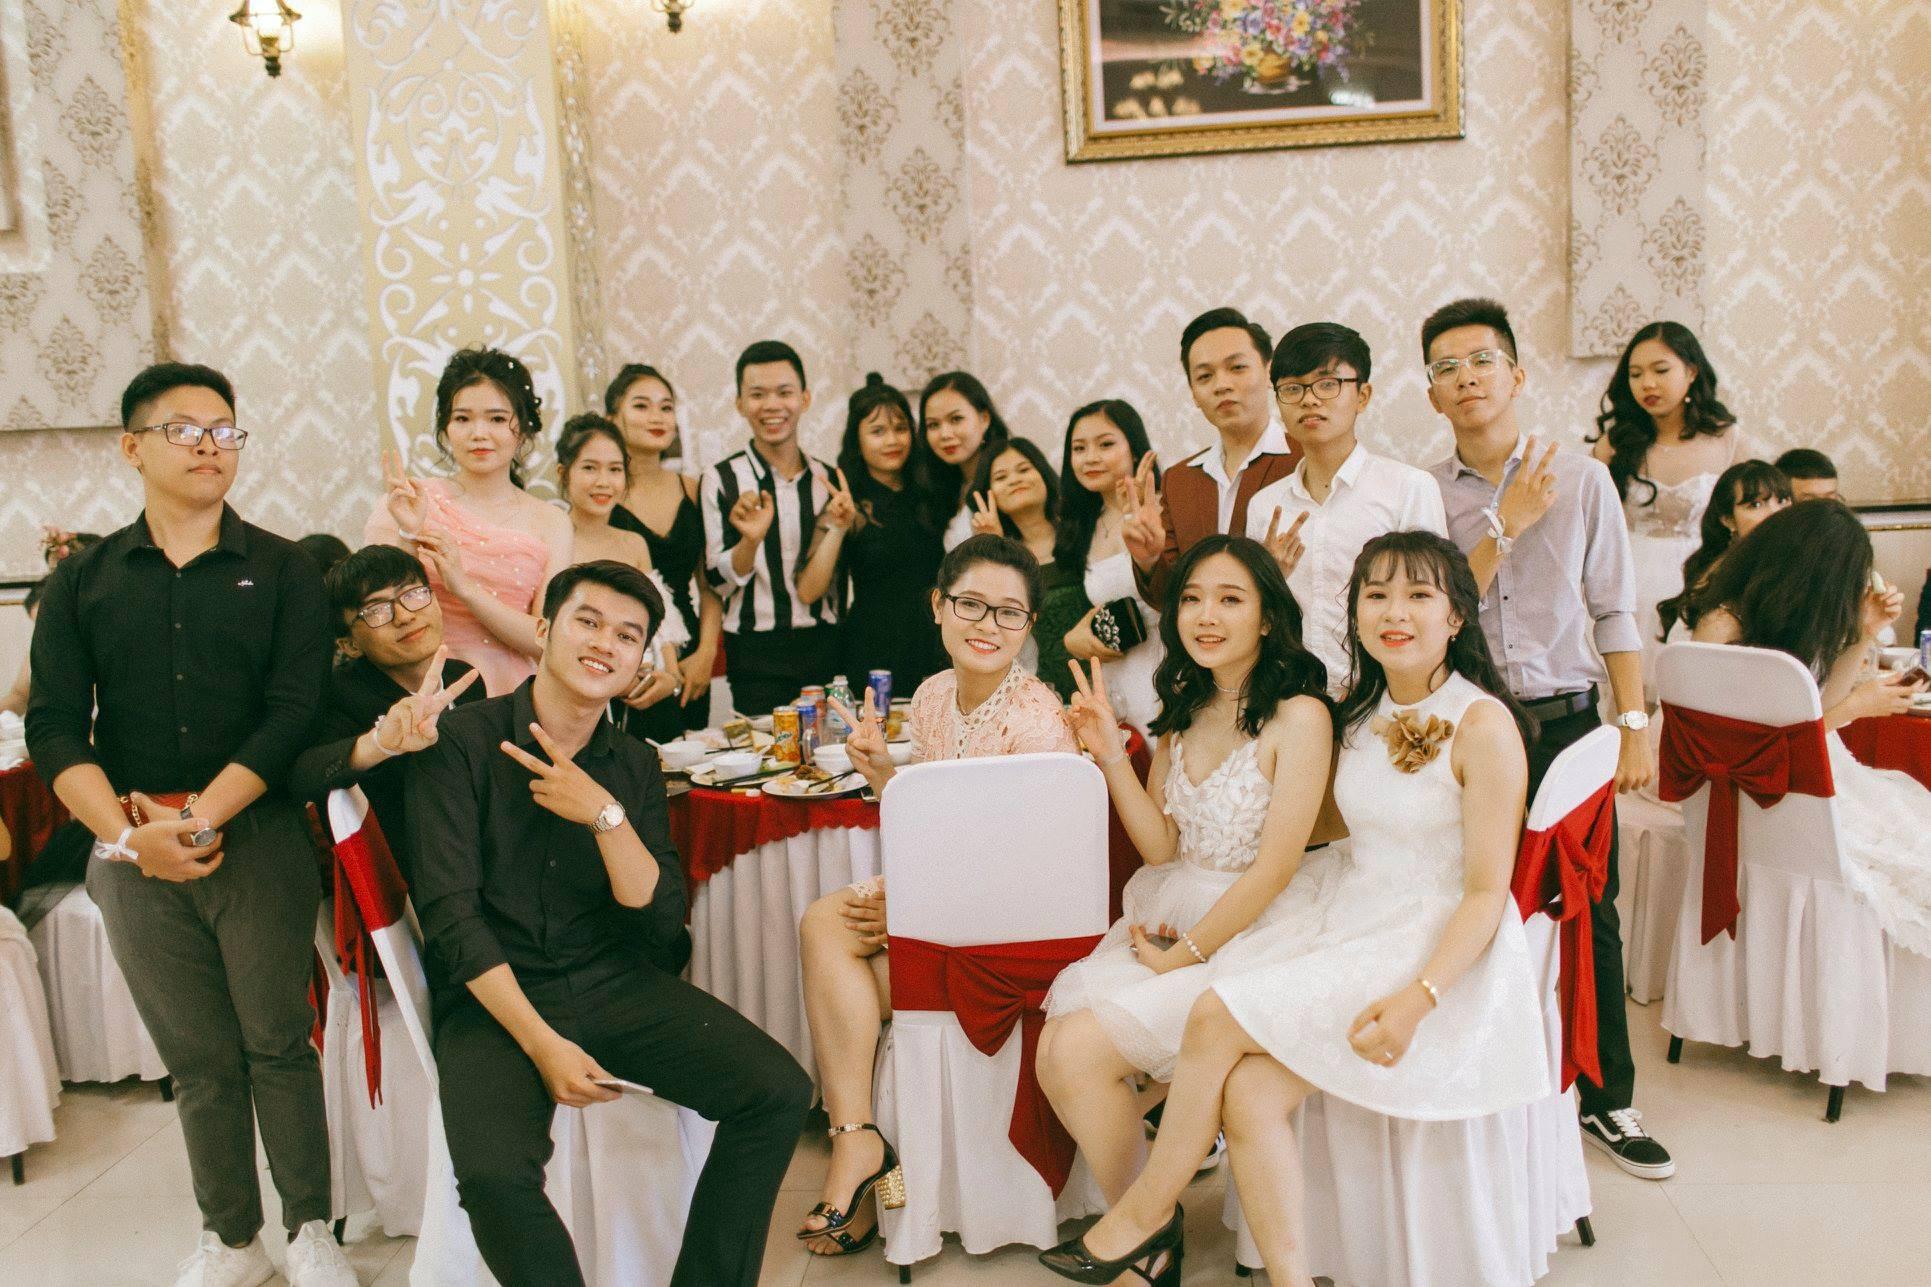 Không chỉ RMIT, trường chuyên phố núi Kon Tum cũng khiến chúng ta đã mắt với dàn trai xinh gái đẹp trong tiệc prom - Ảnh 2.